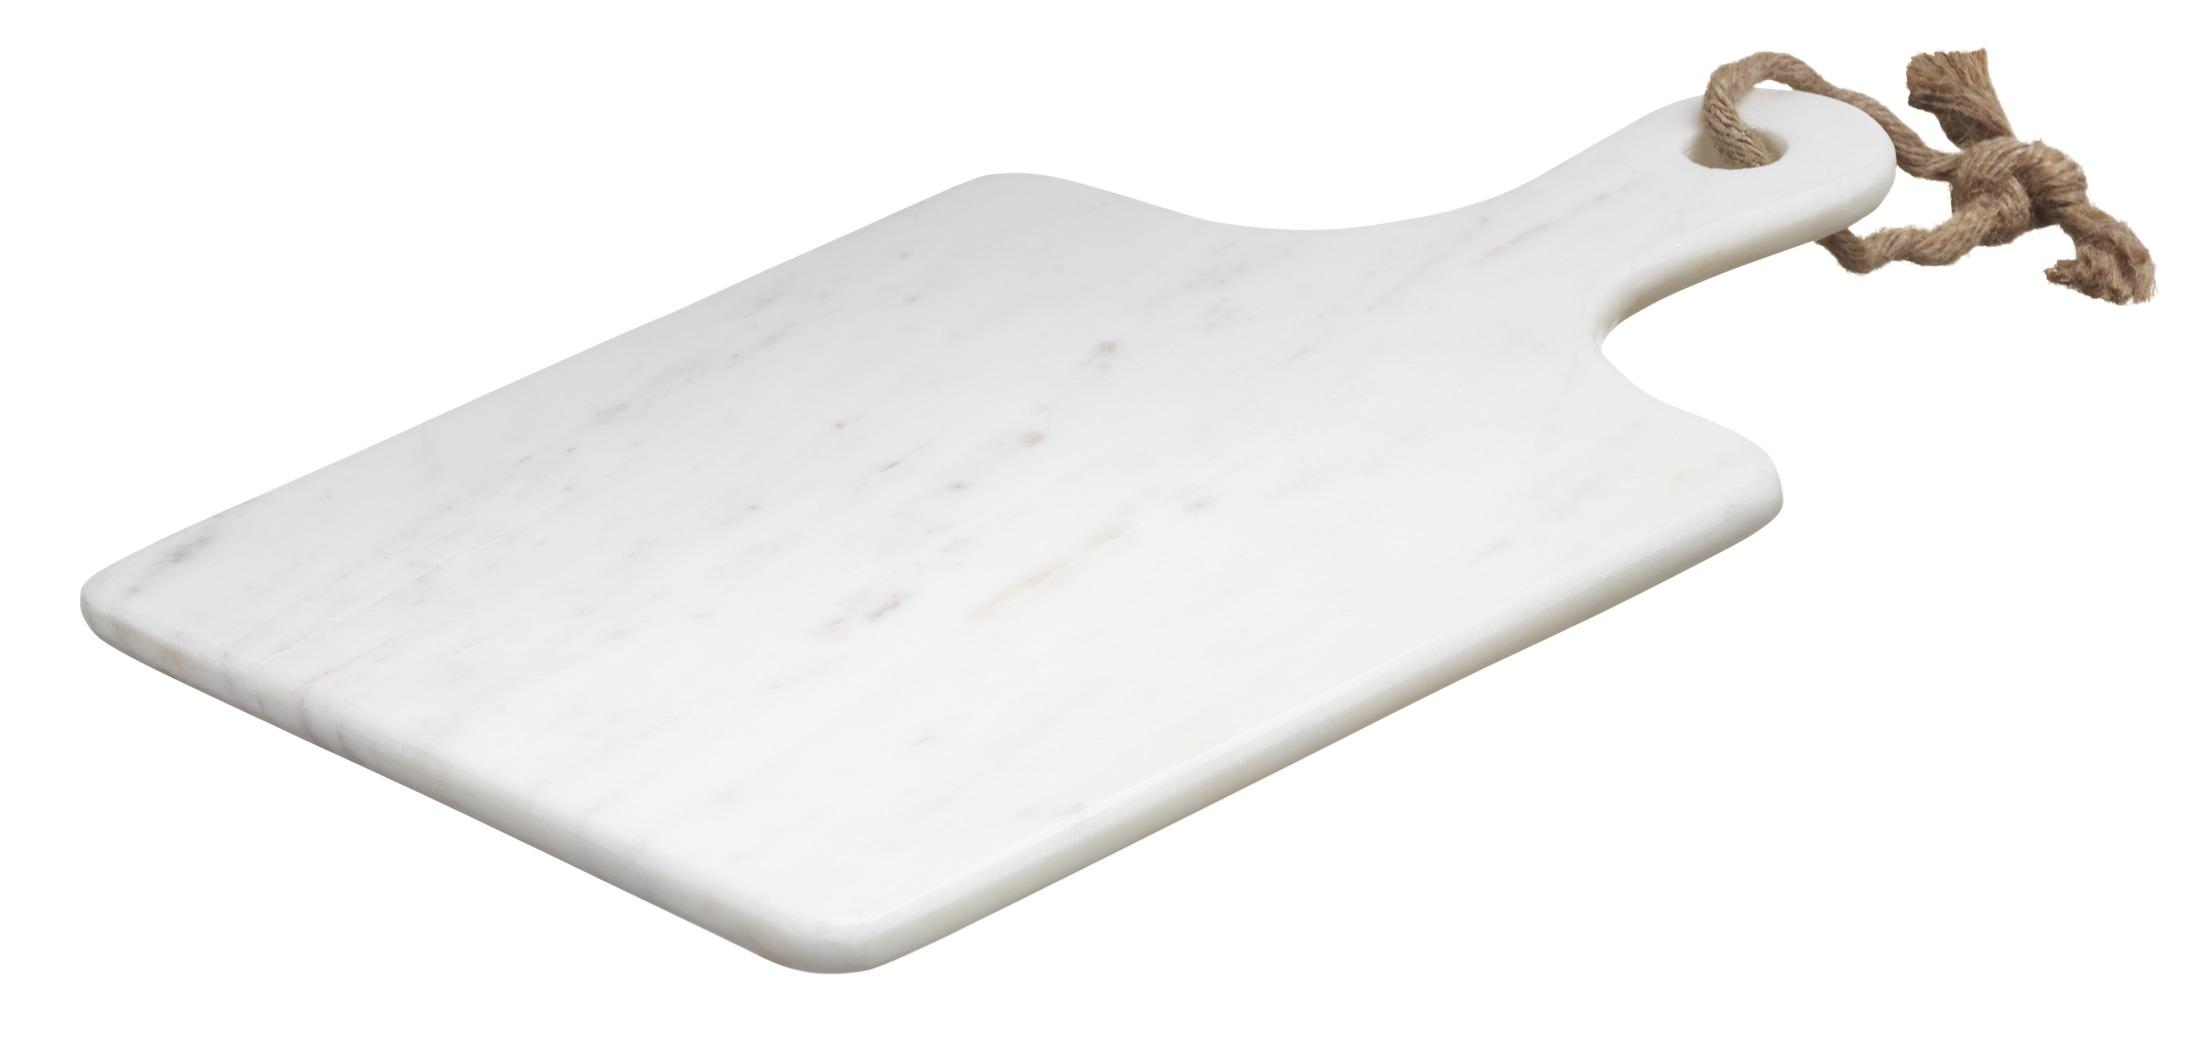 Planche à découper en marbre-HOMESENSE- 9.99$